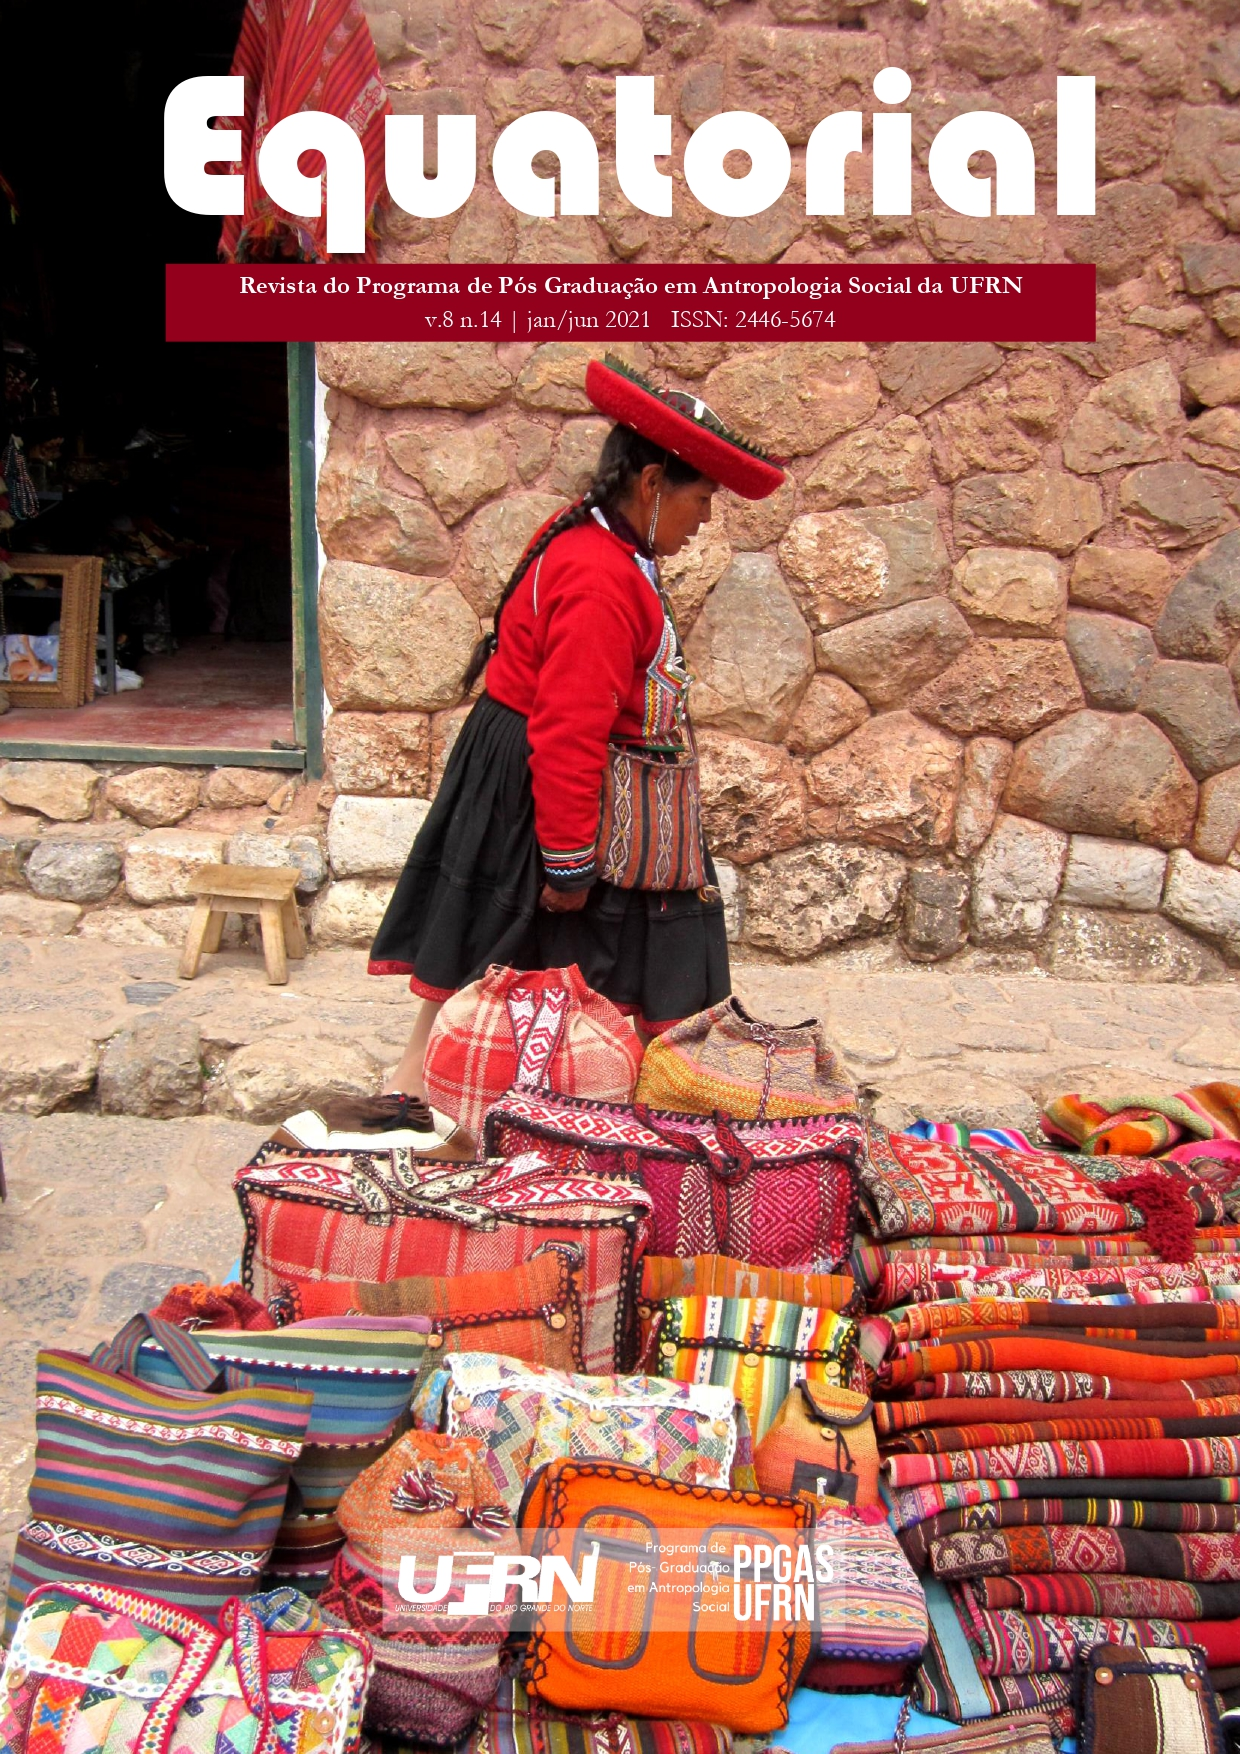 """A capa desta edição da Revista Equatorial apresenta a fotografia de uma mulher andina e seus produtos tecidos à mão (são bolsas e mantas estampadas e muito coloridas) que estão à venda para turistas. A mulher, em posiçao central na imagem, está de perfil e veste um vestido típico, em tons de vermelho e preto. Ela também usa um chapéu característico na cabeça. Na parte superior central da imagem encontra-se o letreiro """"Equatorial"""" e, abaixo dele, """"Revista do Programa de Pós-Graduação em Antropologia Social da UFRN - v. 8 n. 14, jan/jun 2021. ISSN 2446-5674"""". Na parte inferior central encontram-se a logomarca da UFRN e do PPGAS.."""